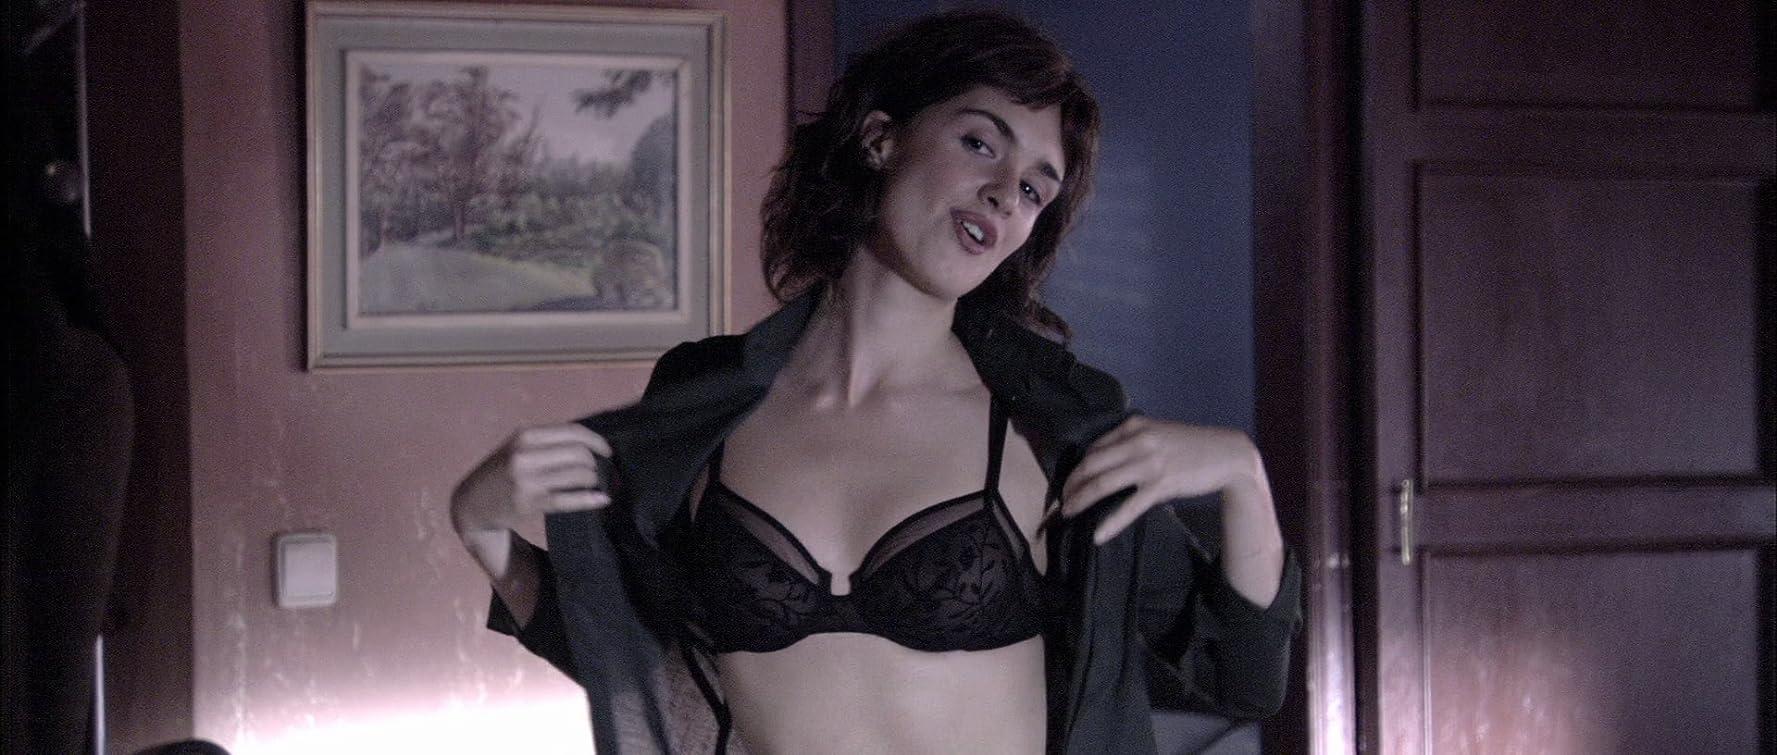 Paz Vega in Lucía y el sexo (2001)